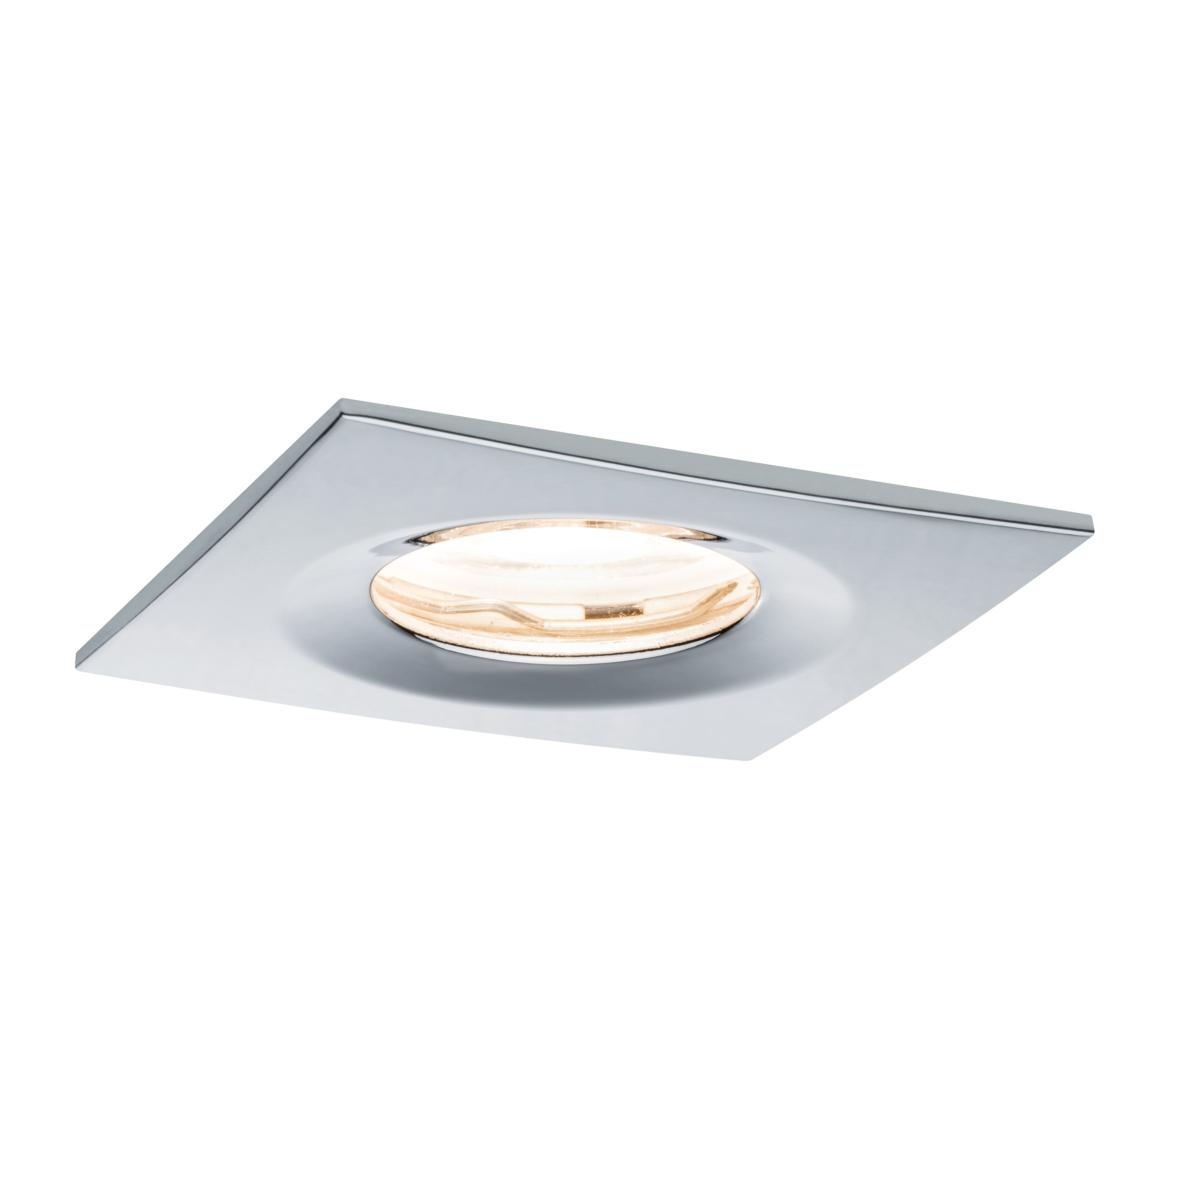 Spot LED IP65 Encastrable Dimmable Chromé Carré 7W 230V